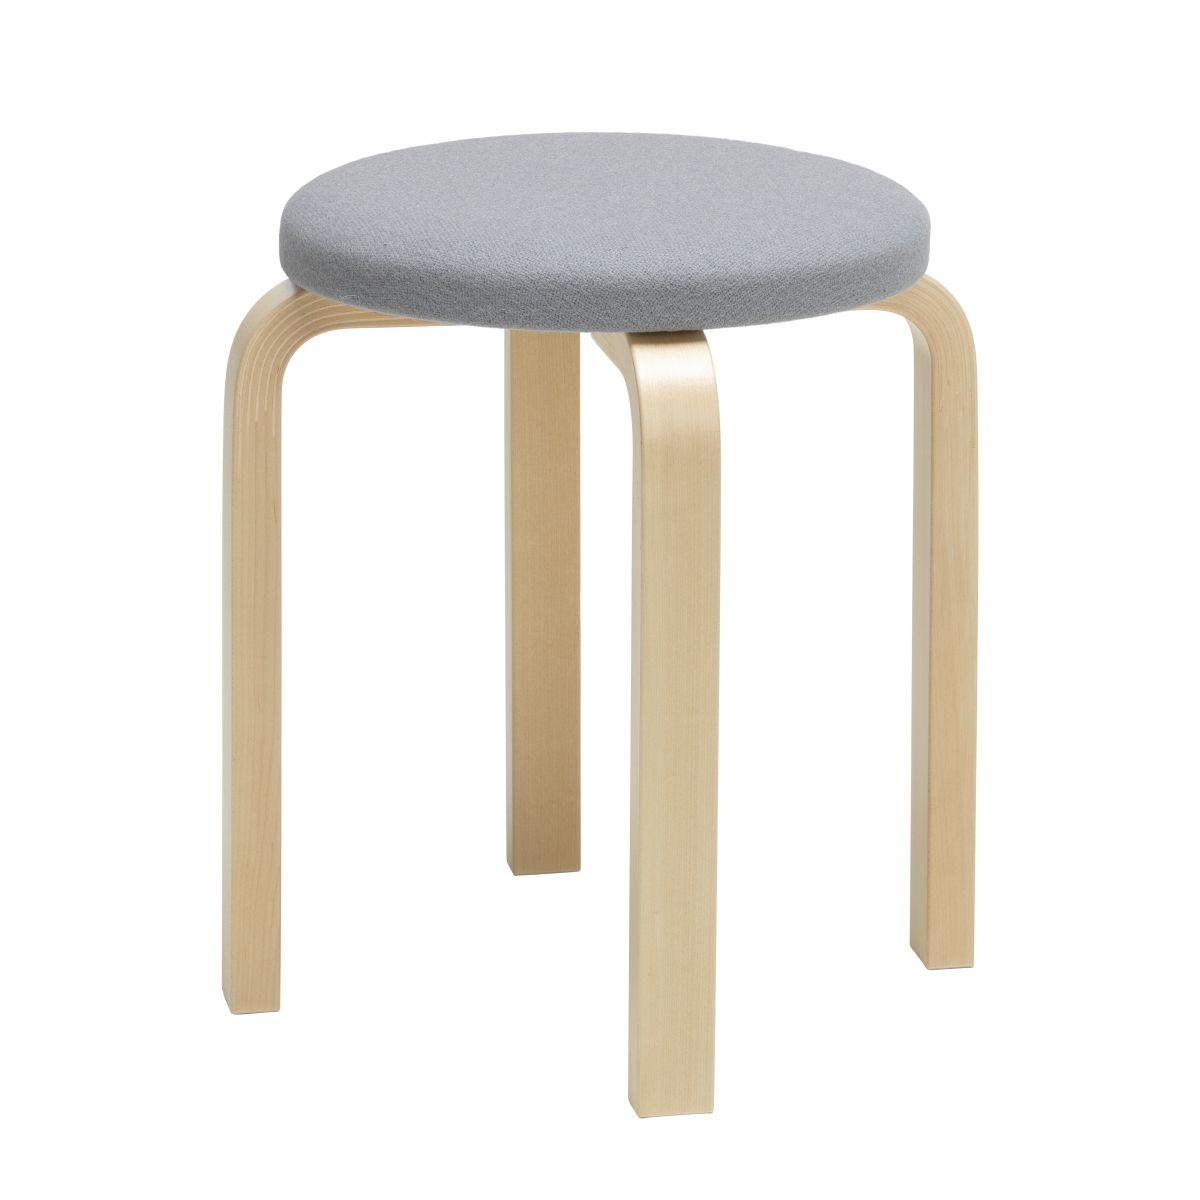 Stool-E60-natural-upholstery-Kvadrat-Tonus-216_F-2868284